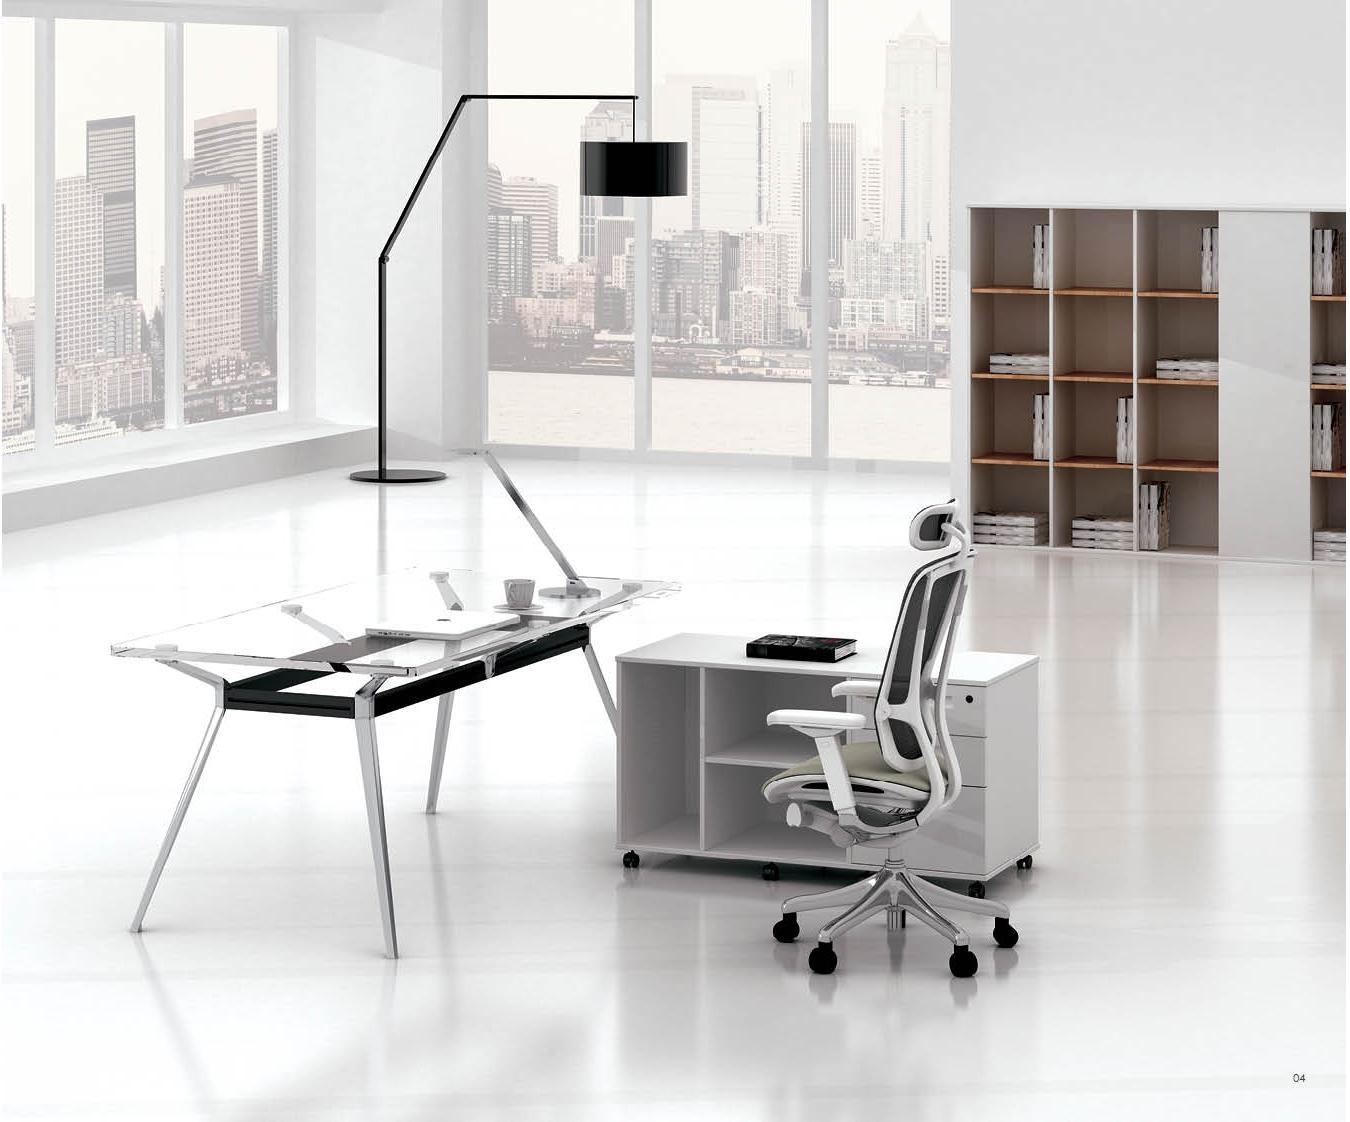 金属办公桌椅,软体办公桌椅等;而从使用场合分类有办公室,敞开式的图片